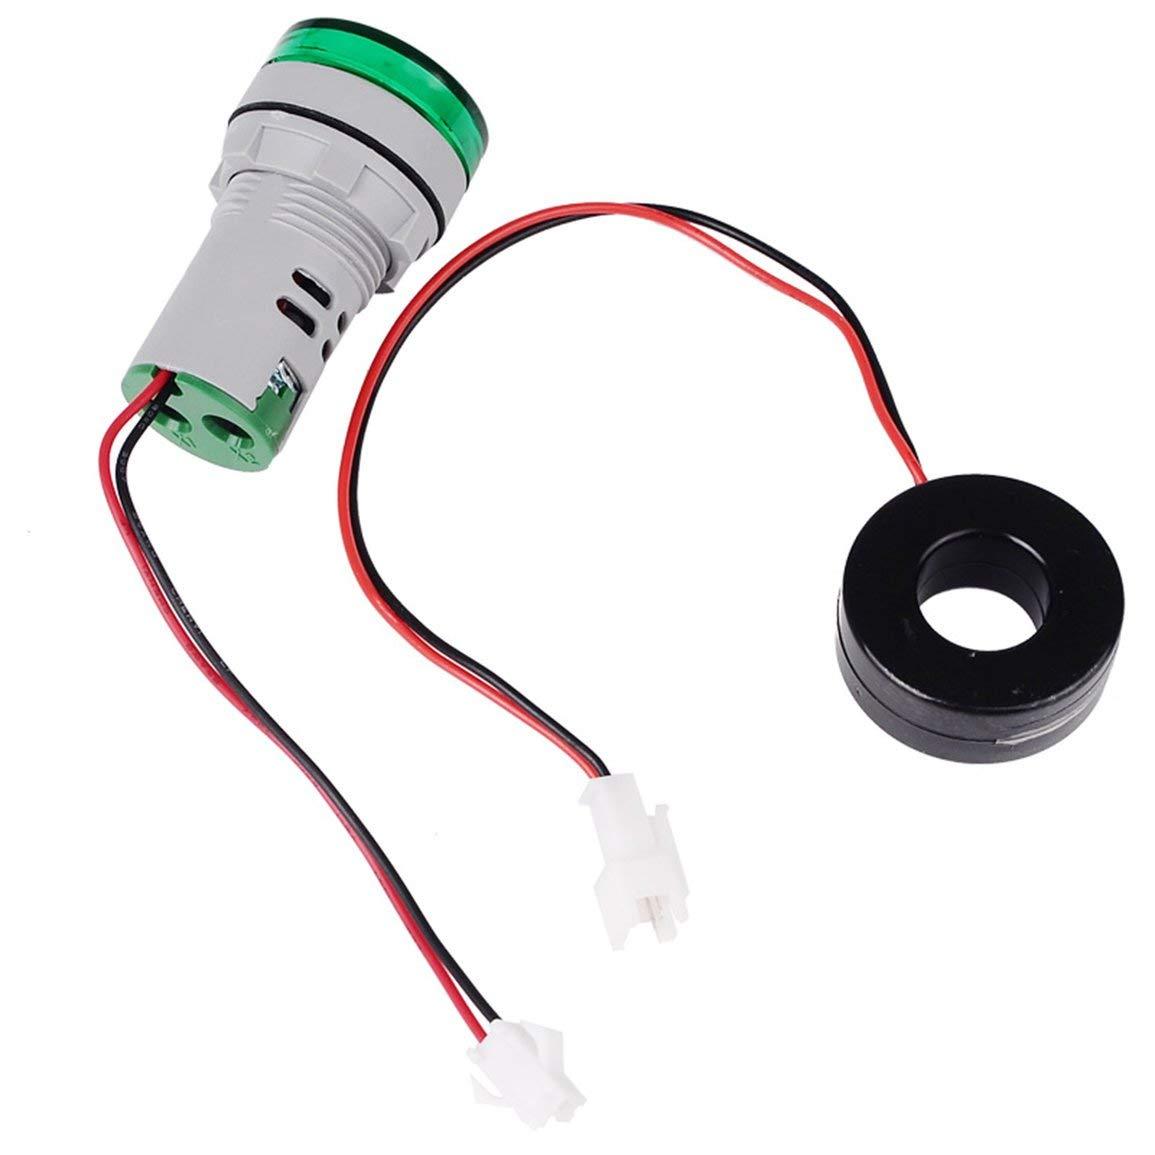 Color: negro y verde SINOTIMER 22mm LED redondo Diaplay 0-100A AC Indicador de corriente Piloto Piloto de luz Amper/ímetro probador Amper/ímetro Monitor